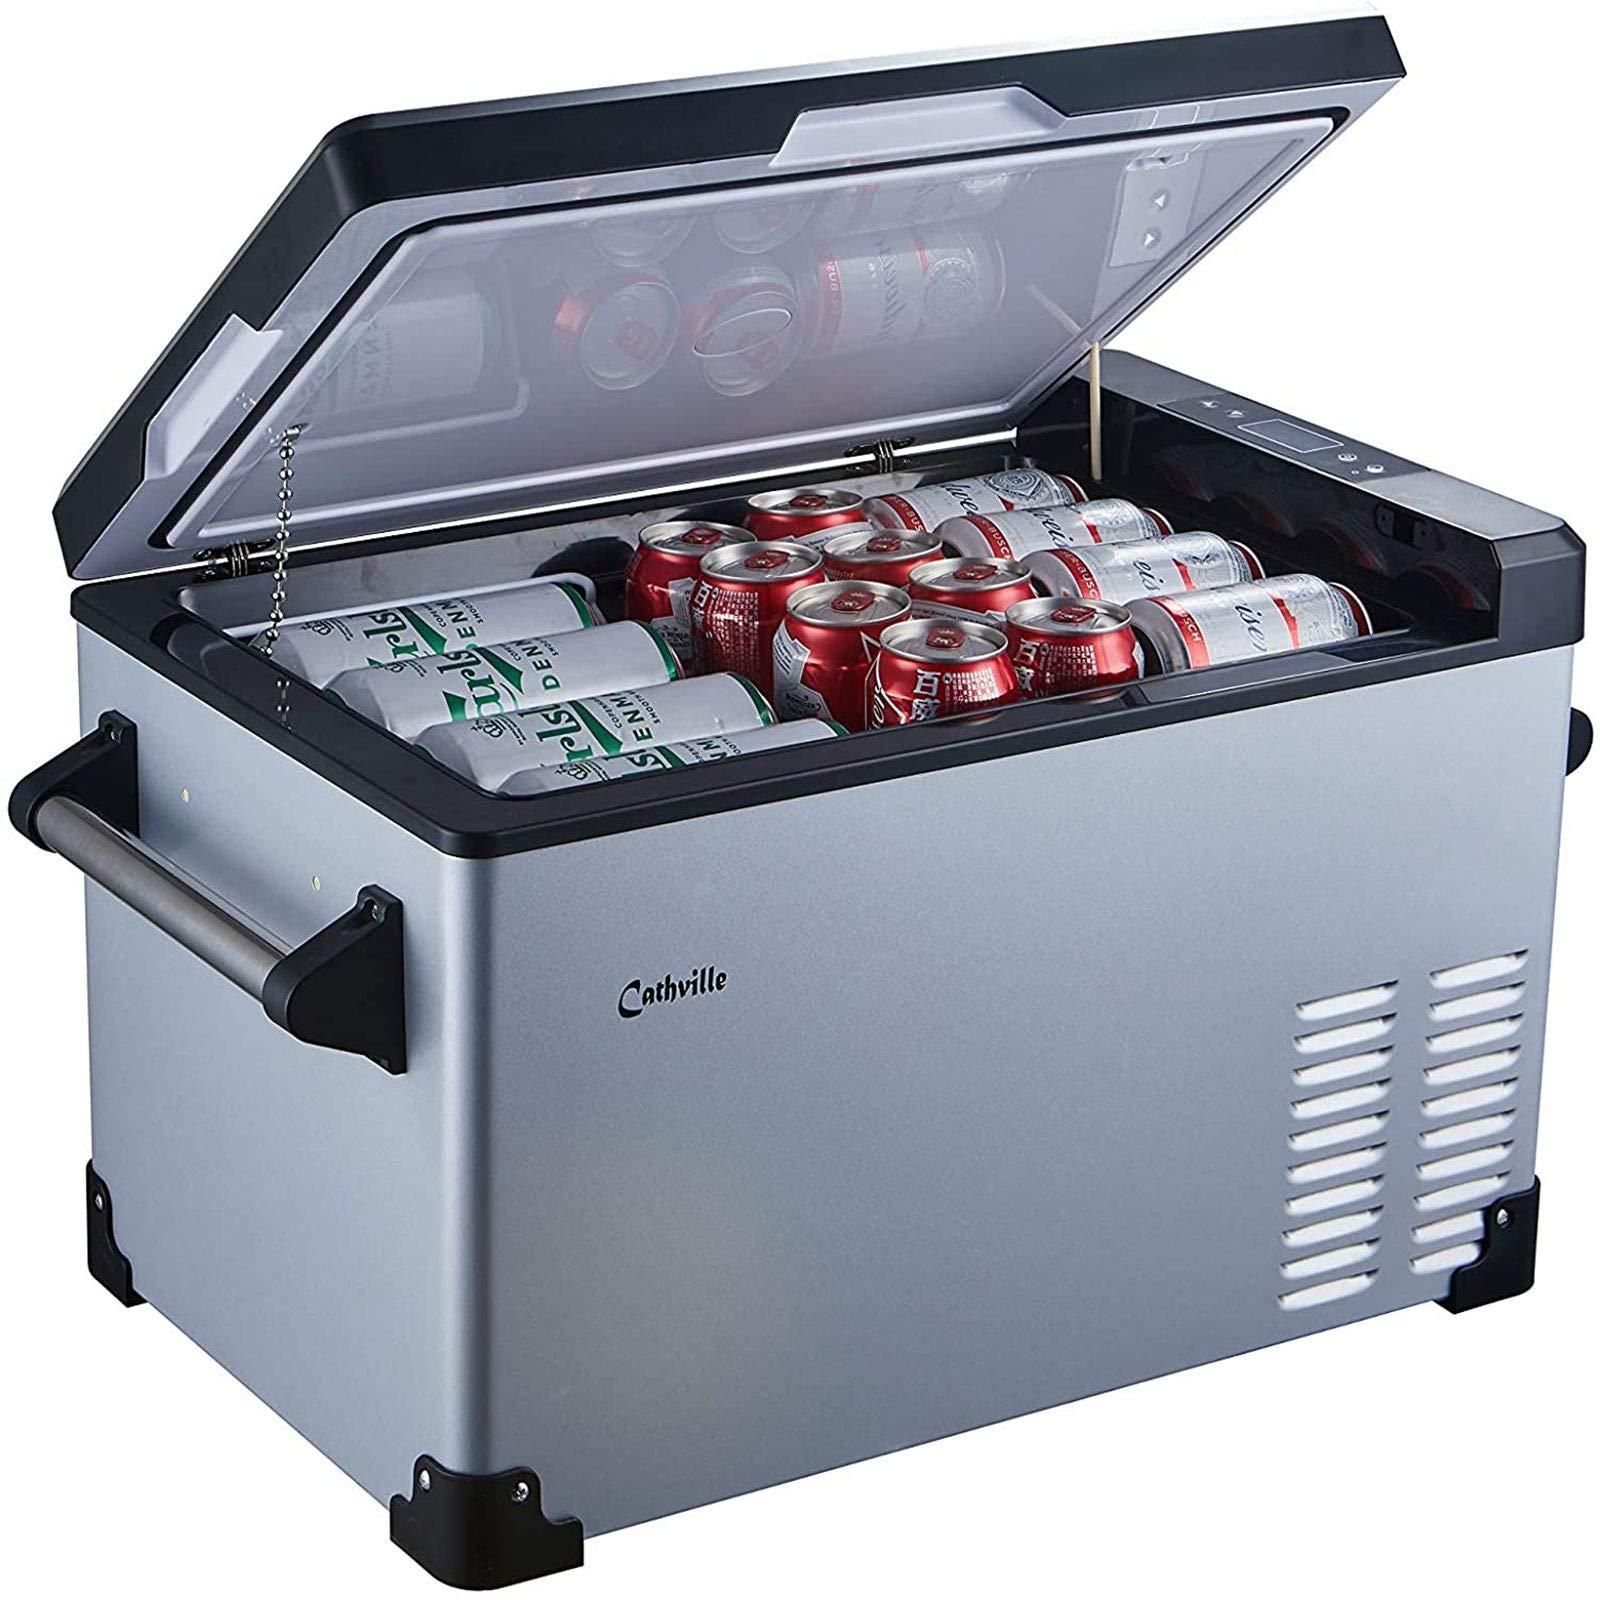 Cathville 48 Quart Portable Refrigerator Fridge Freezer for car Camping RV Home Boat Outdoor 12V DC 110V AC -4/°F Degree Roadtrip